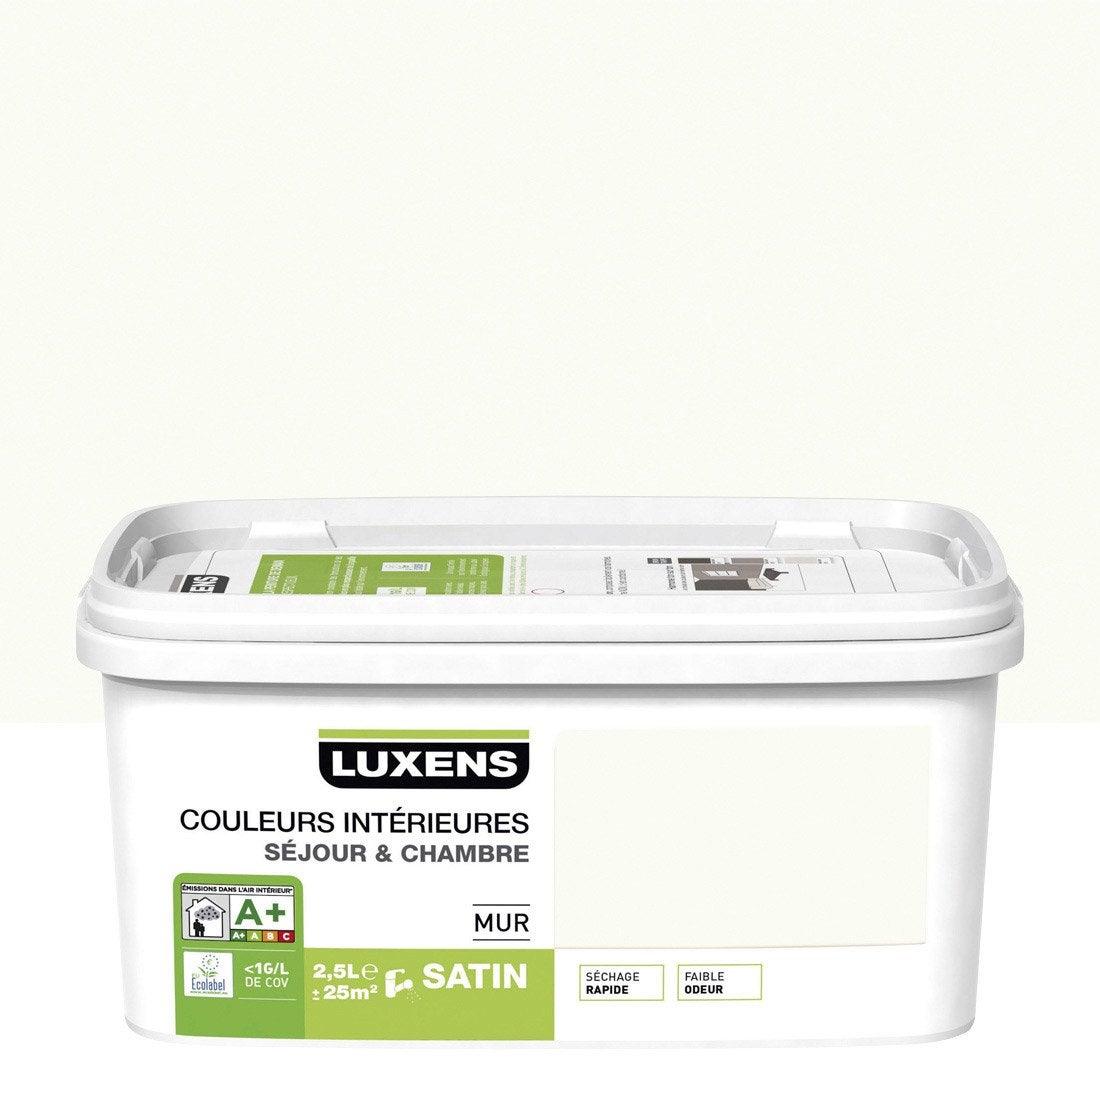 Peinture blanc calcaire 3 luxens couleurs int rieures 2 5 for Peinture speciale salle de bain